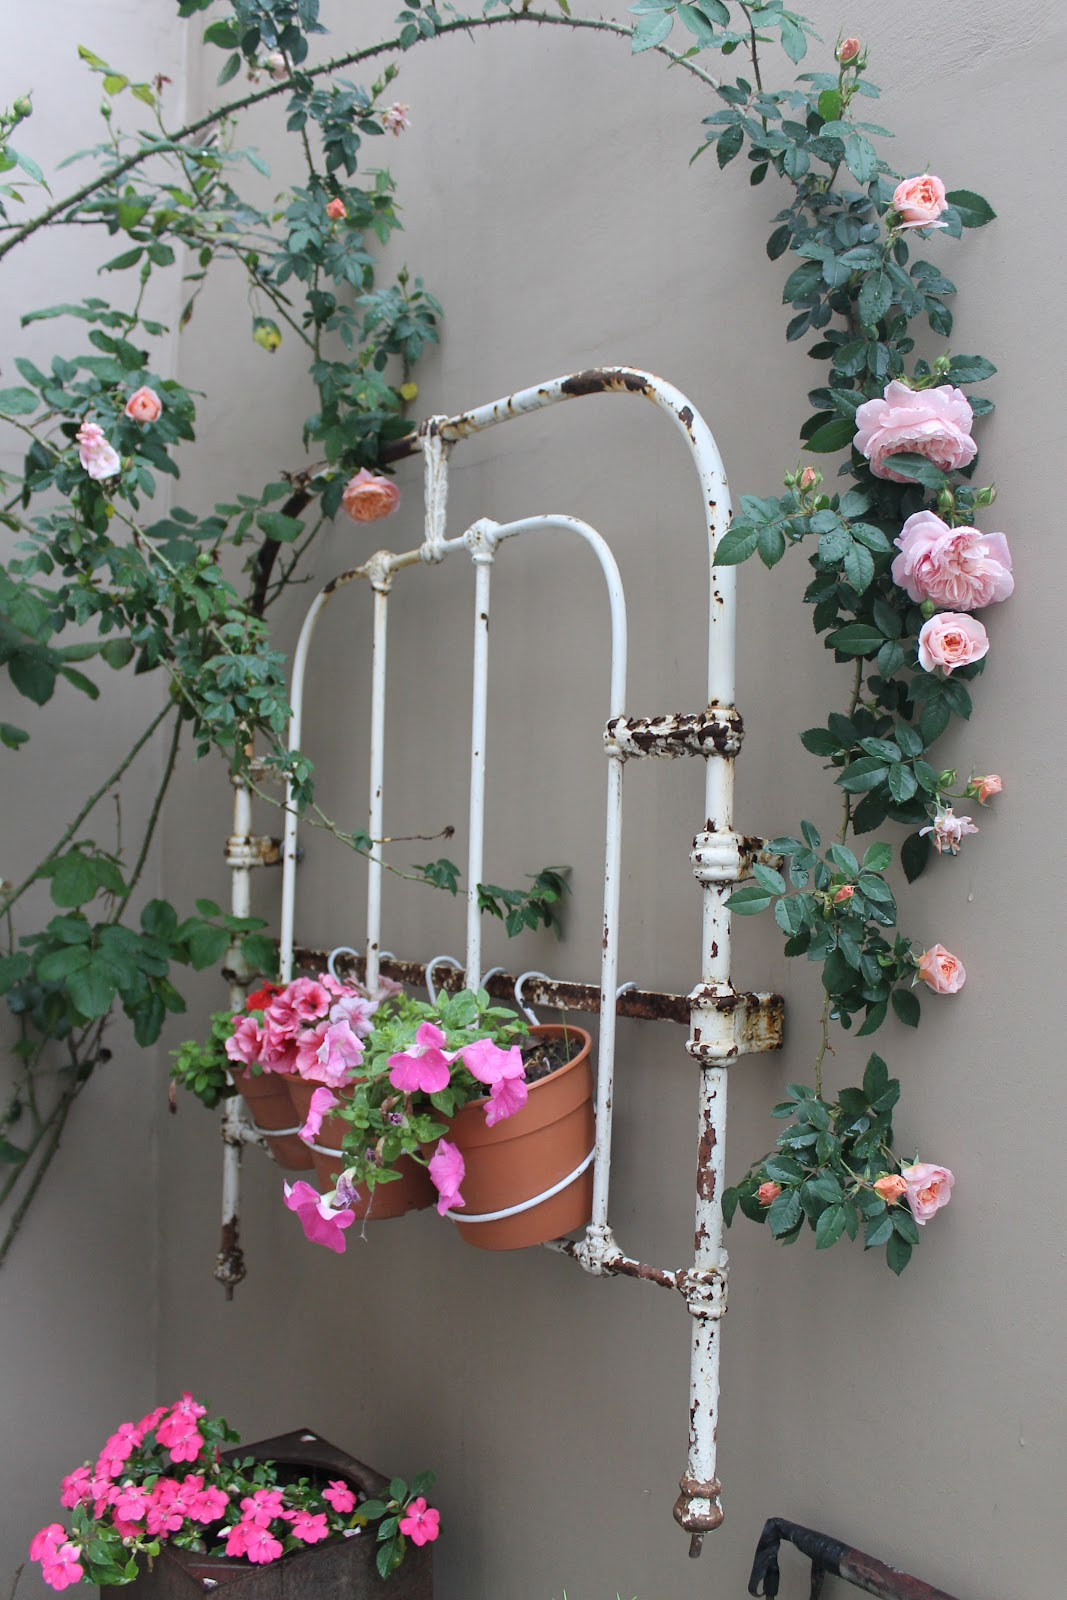 Colaboración programa Jardineras - Utilísima: Vintage Deco Marce